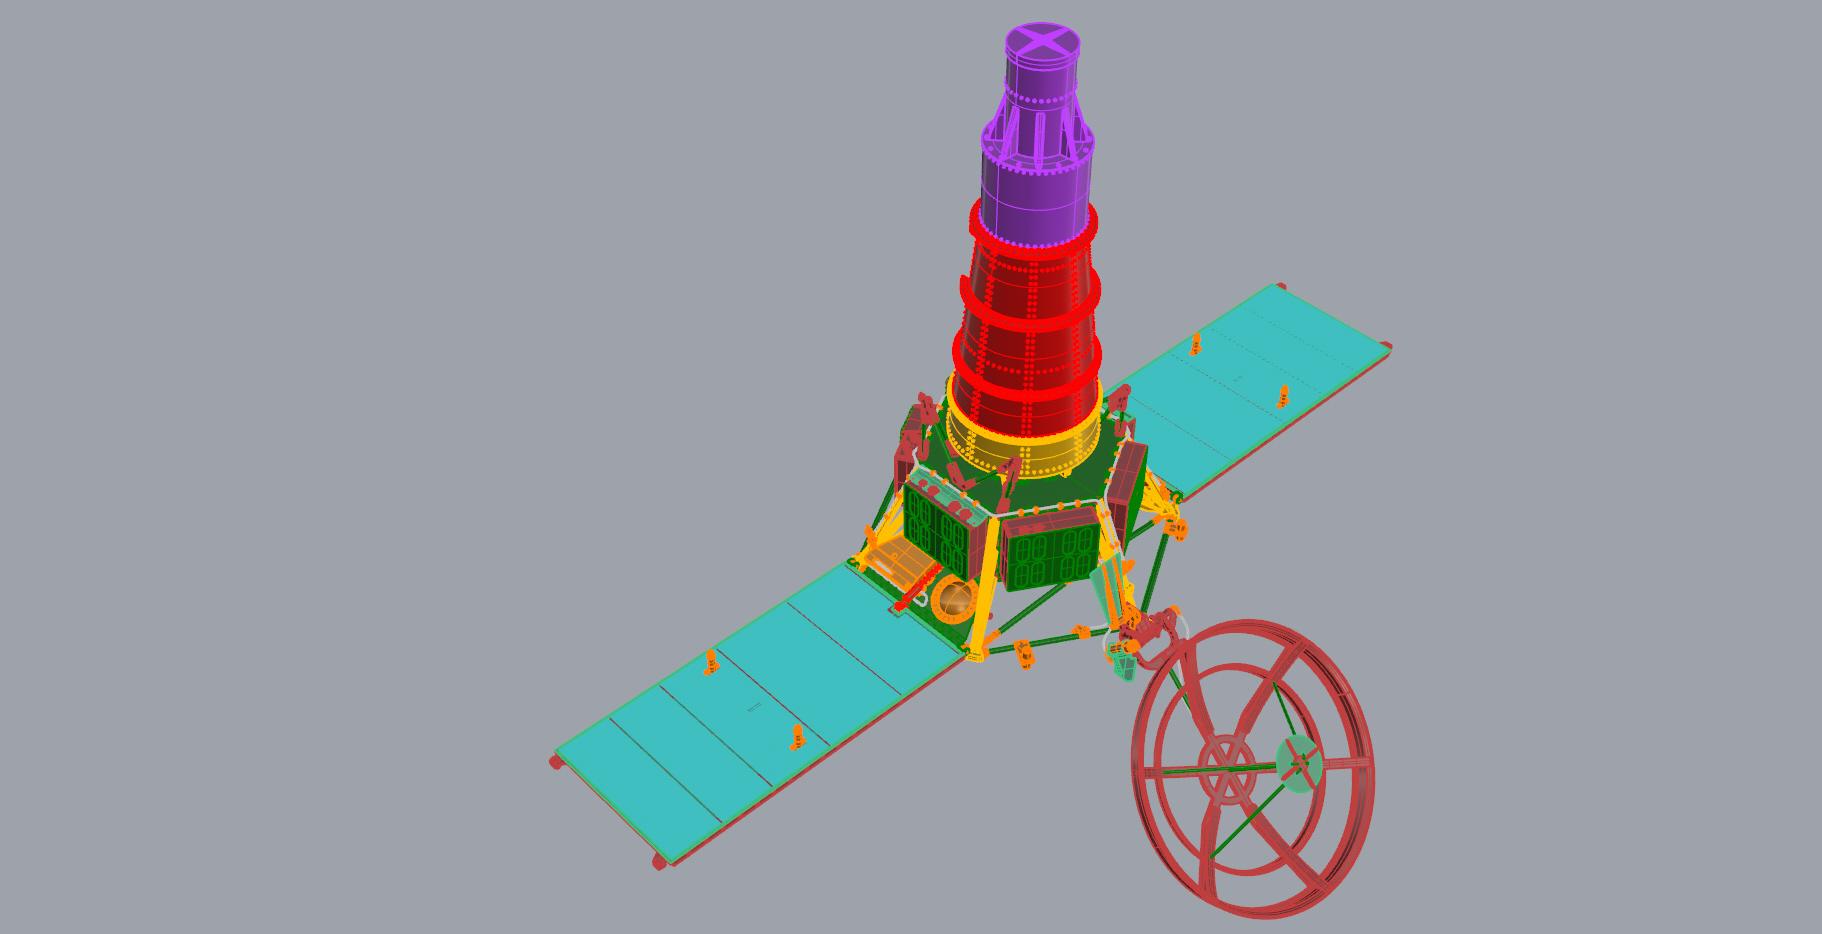 Crash-test planétaire : la sonde lunaire Ranger 8 au 1/24e 17072612440123134915170983